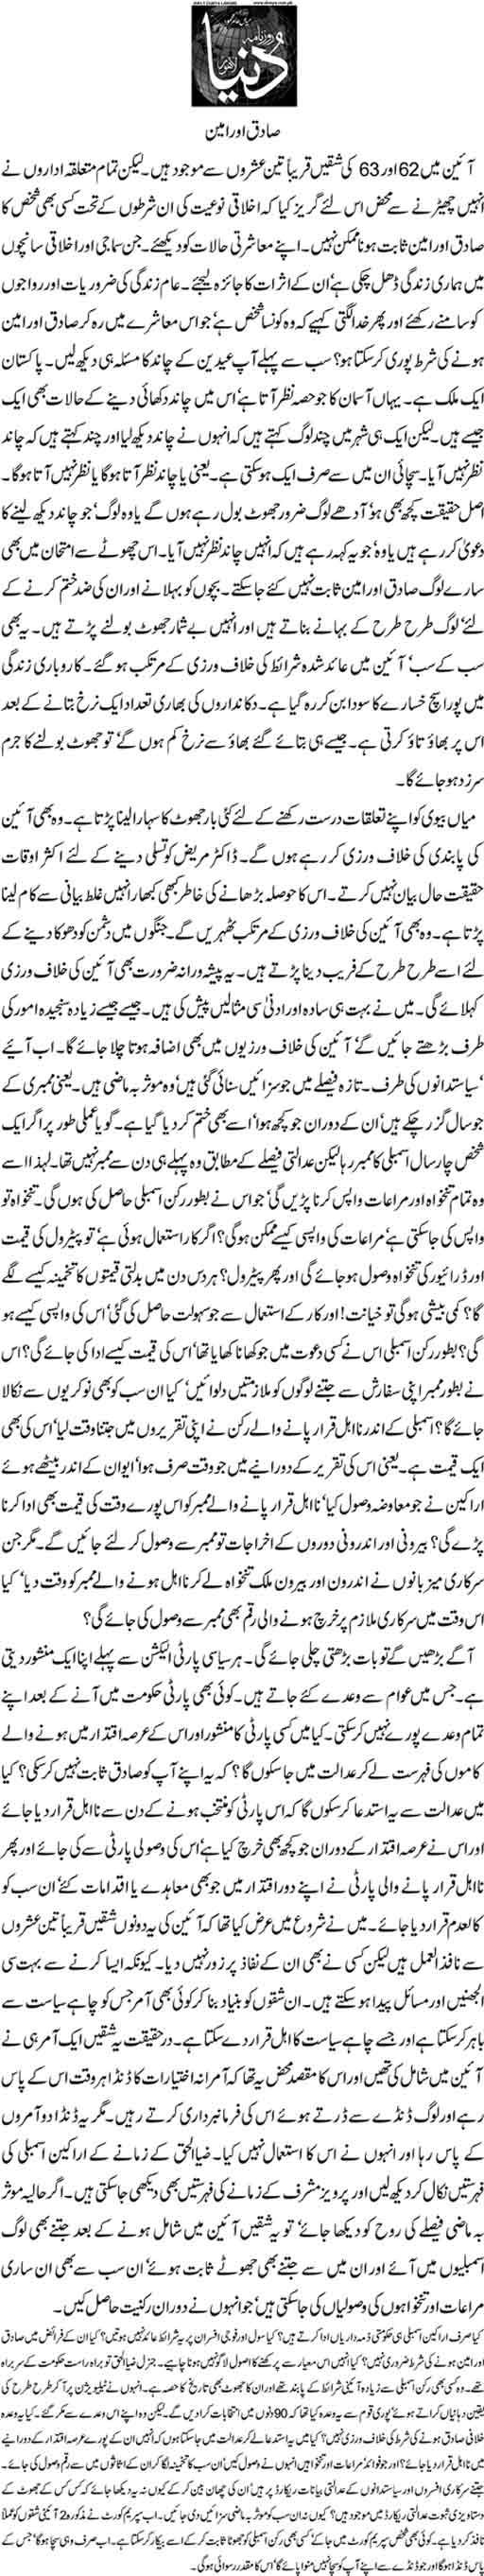 Sadiq aur Ameen-Nazeer Naji